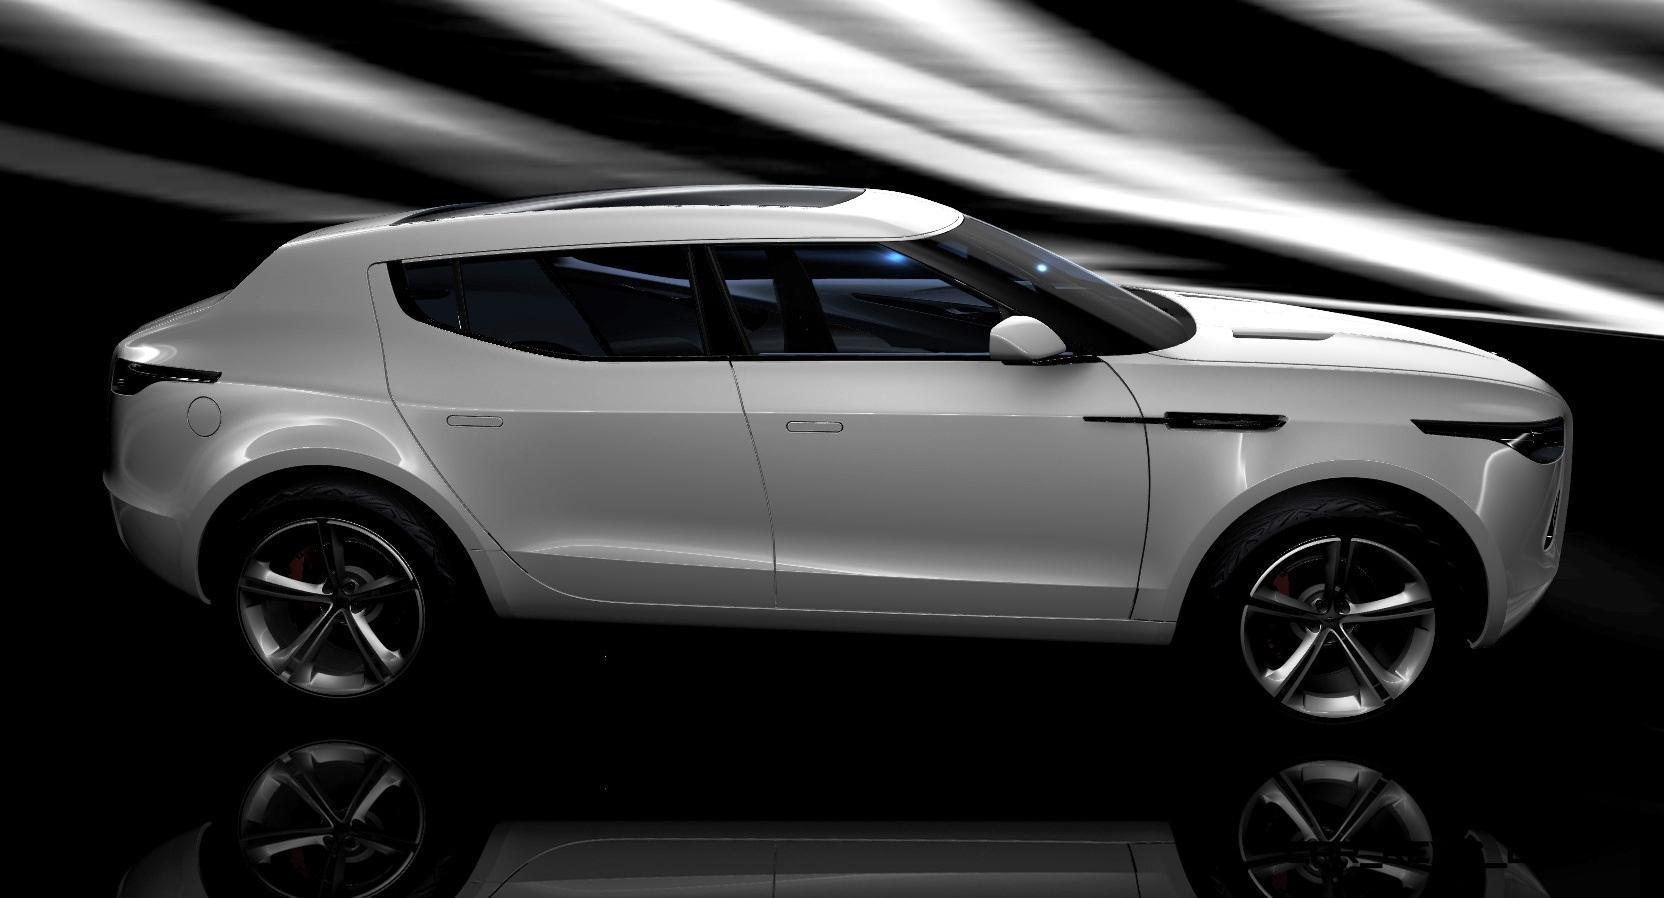 Sell Car For Cash >> Concept Debrief - 2009 Aston Martin LAGONDA SUV Concept